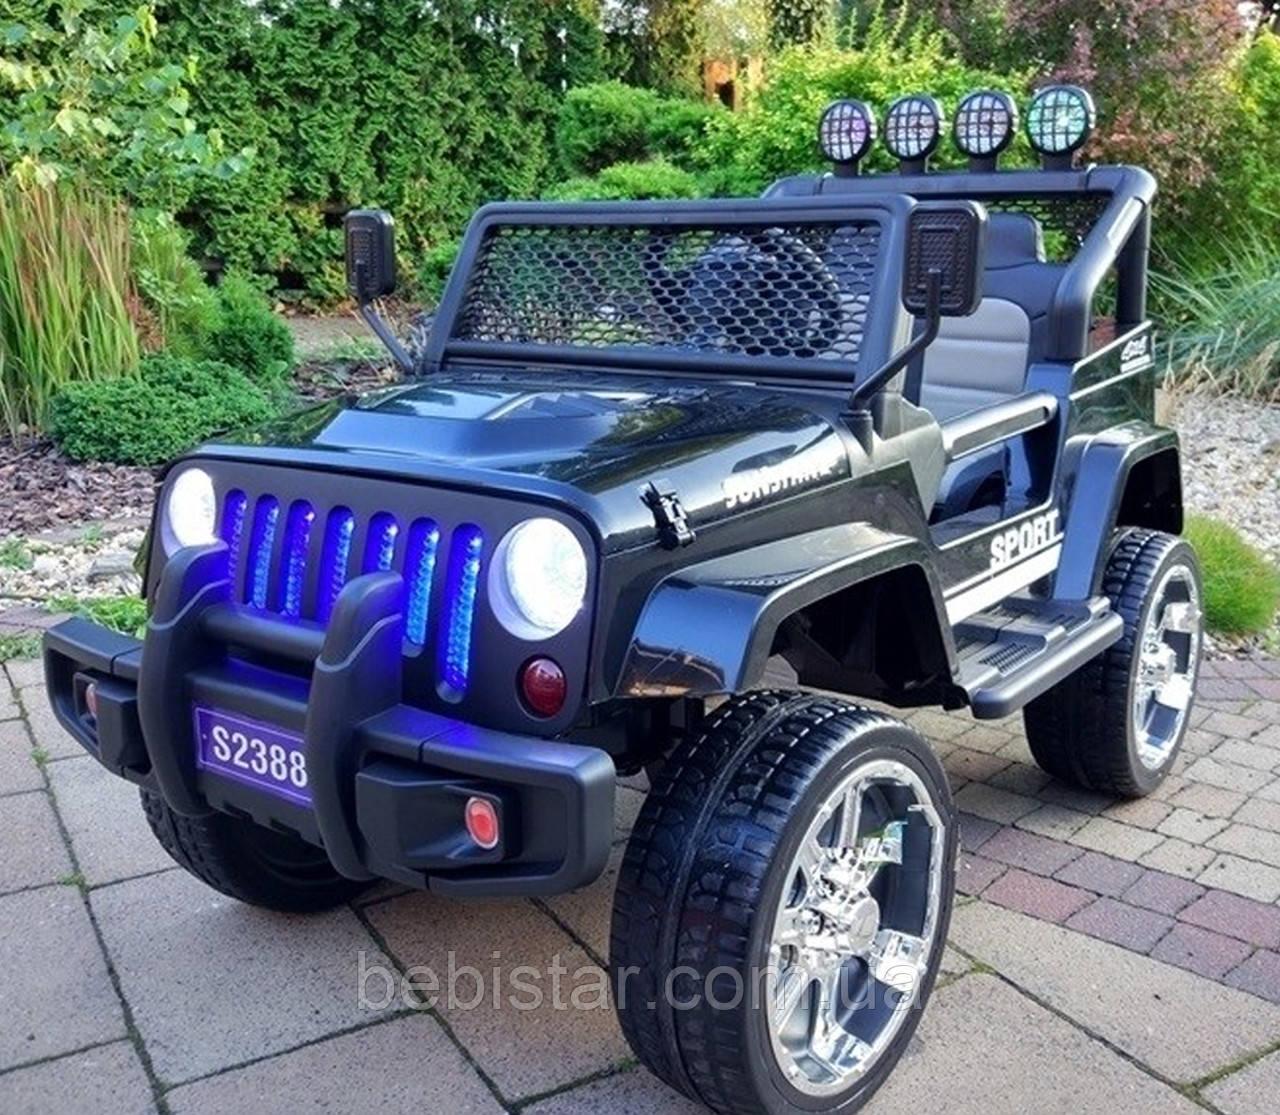 Електромобіль Джип чорний TY-2388 BLACK діткам 3-8 років з пультом, акумулятор 2*6V4.5AH, мотор 2*45W